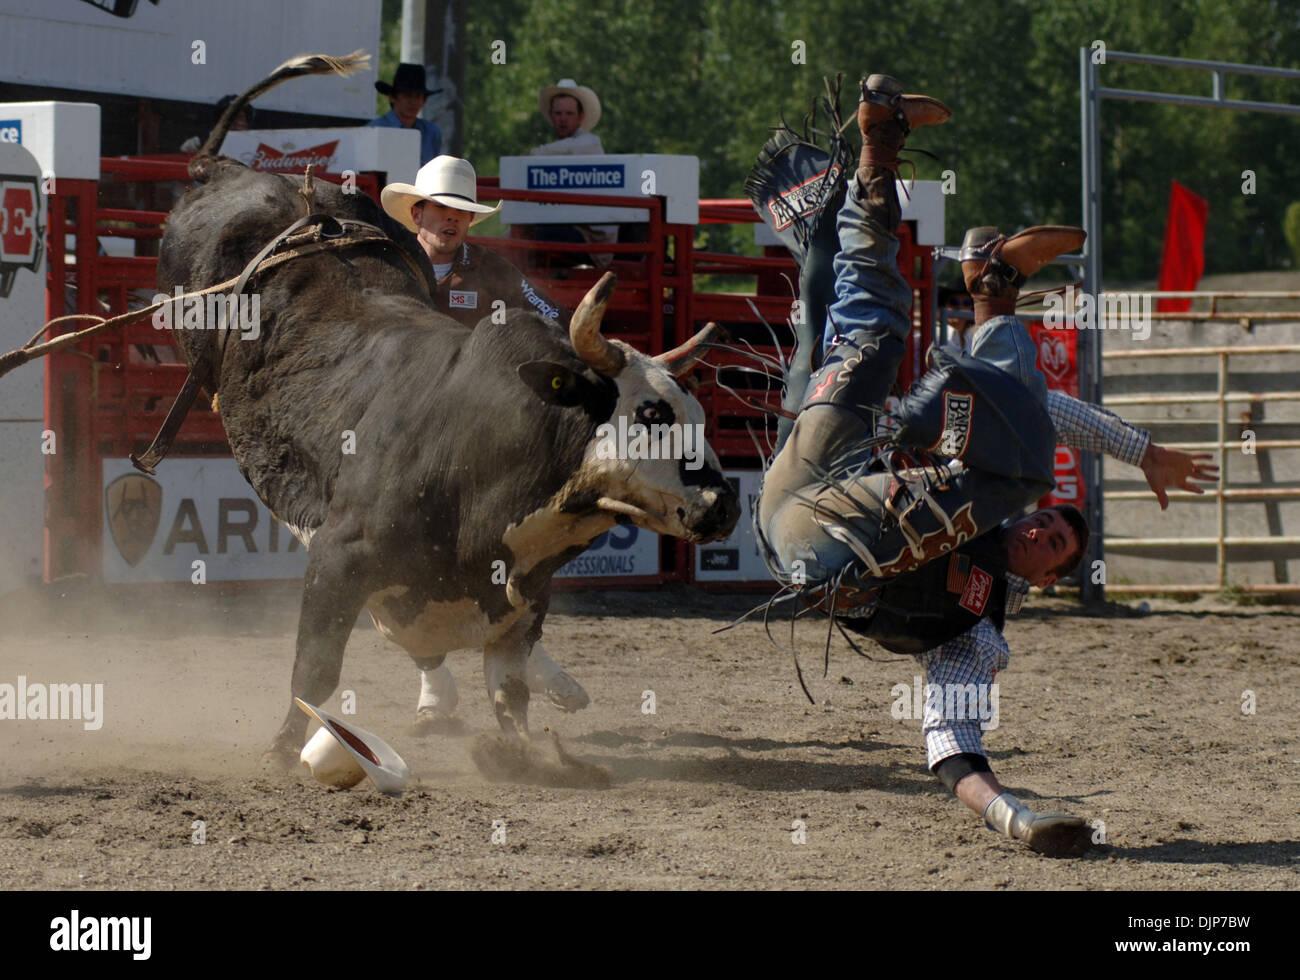 Mayo 18, 2008 - Cloverdale, British Columbia, Canadá - Cowboy compite en la categoría de montar toros en Cloverdale anual evento de Rodeo Profesional. El rodeo se celebró por primera vez en 1945 y fue tan popular que fue tomado por el valle bajo del Fraser Asociación Agrícola en 1947. En 1962, la feria fue asumida por la sociedad de exhibición del Fraser Valley, y en 1994, la feria y rode Foto de stock